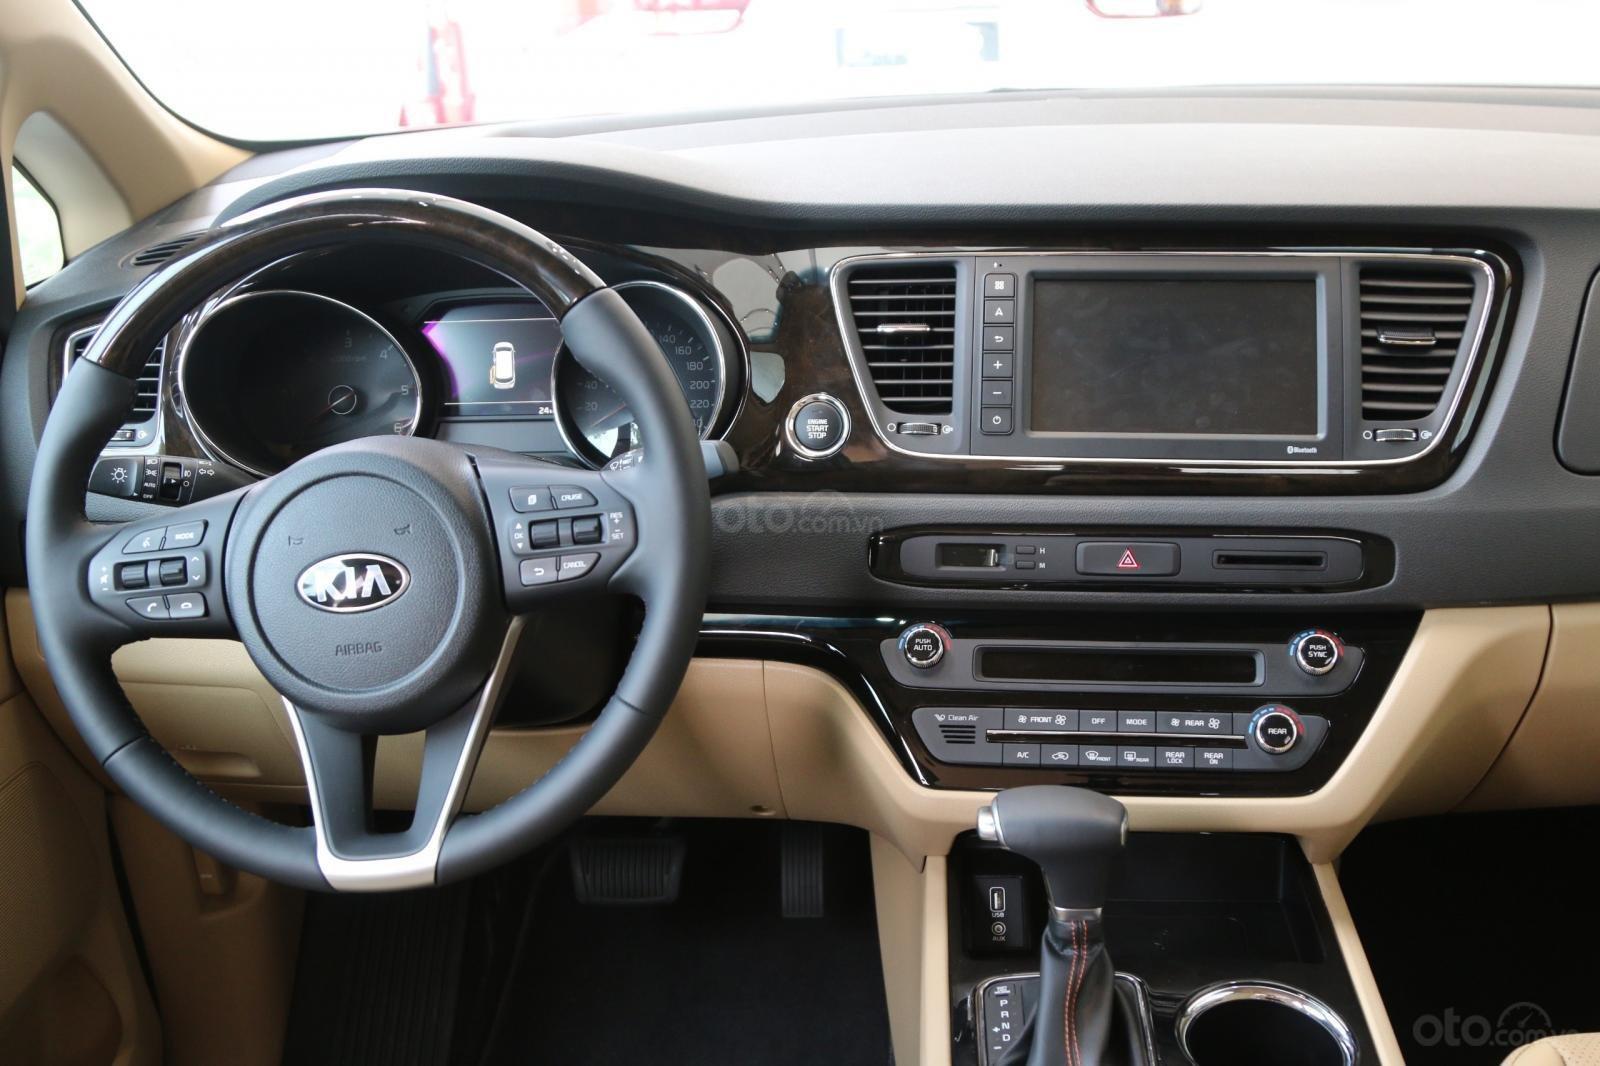 Kia Sedona - giảm giá tiền mặt / tặng bảo hiểm + camera hành trình - liên hệ PKD Kia Bình Tân 093 317 0660 (4)